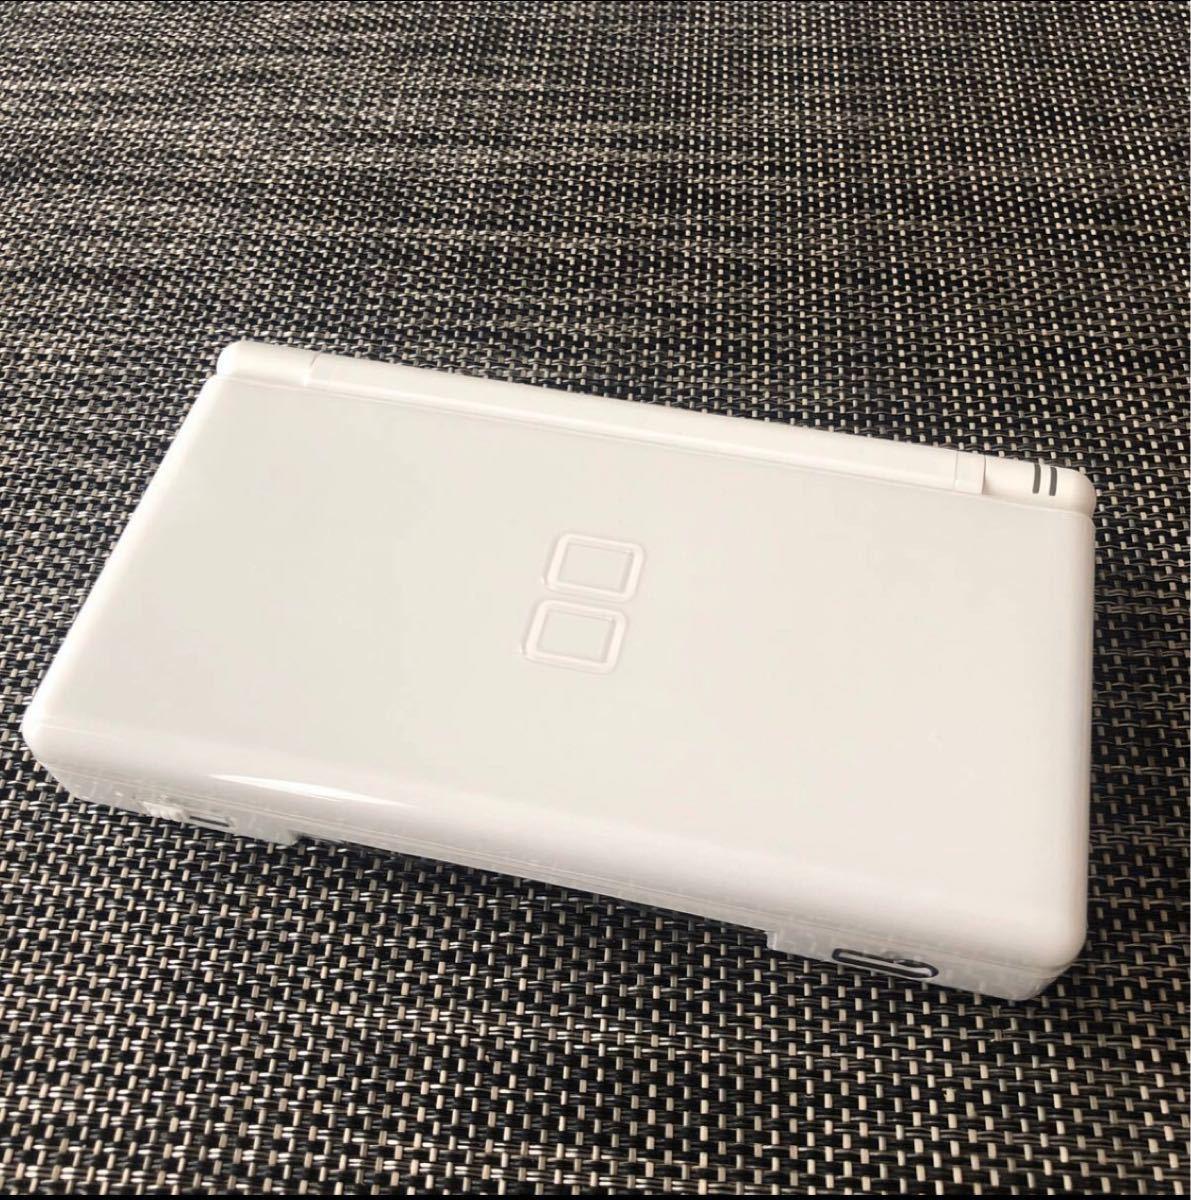 ニンテンドーDS Lite 任天堂 DSライト DS Lite ニンテンドー Nintendo Nintendo DS Lite